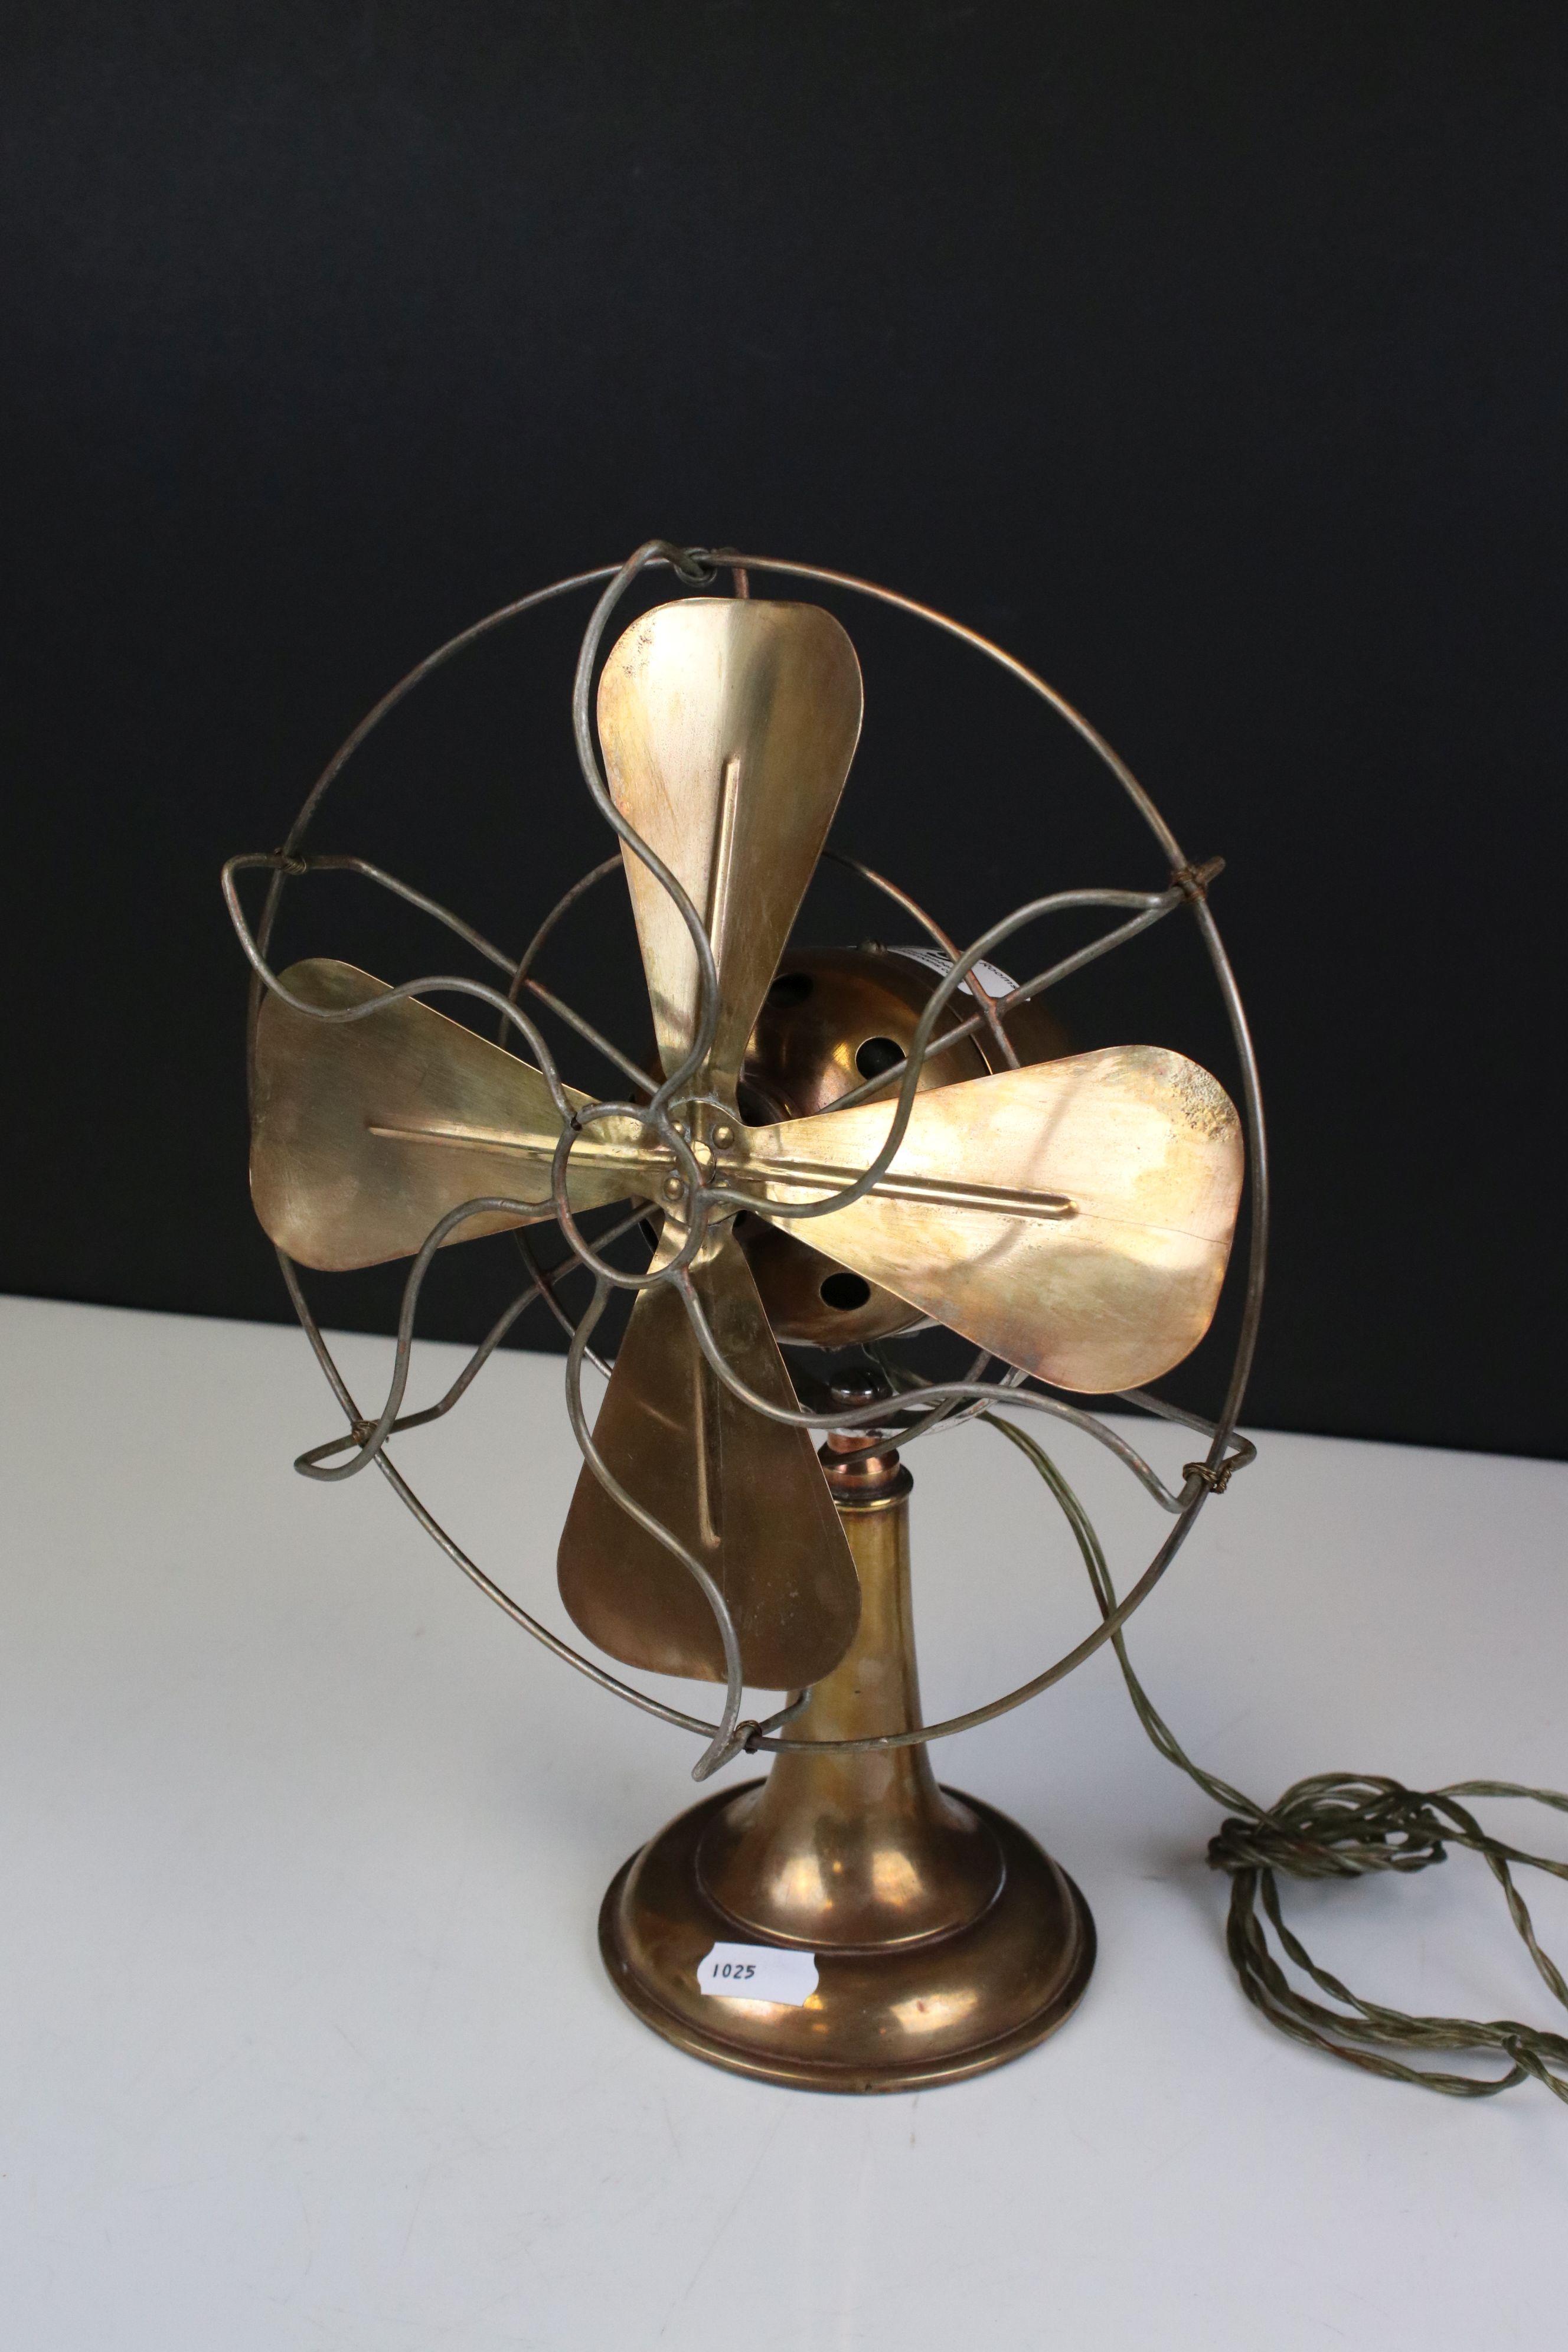 Early 20th century Brass Desk Fan, 32cms high